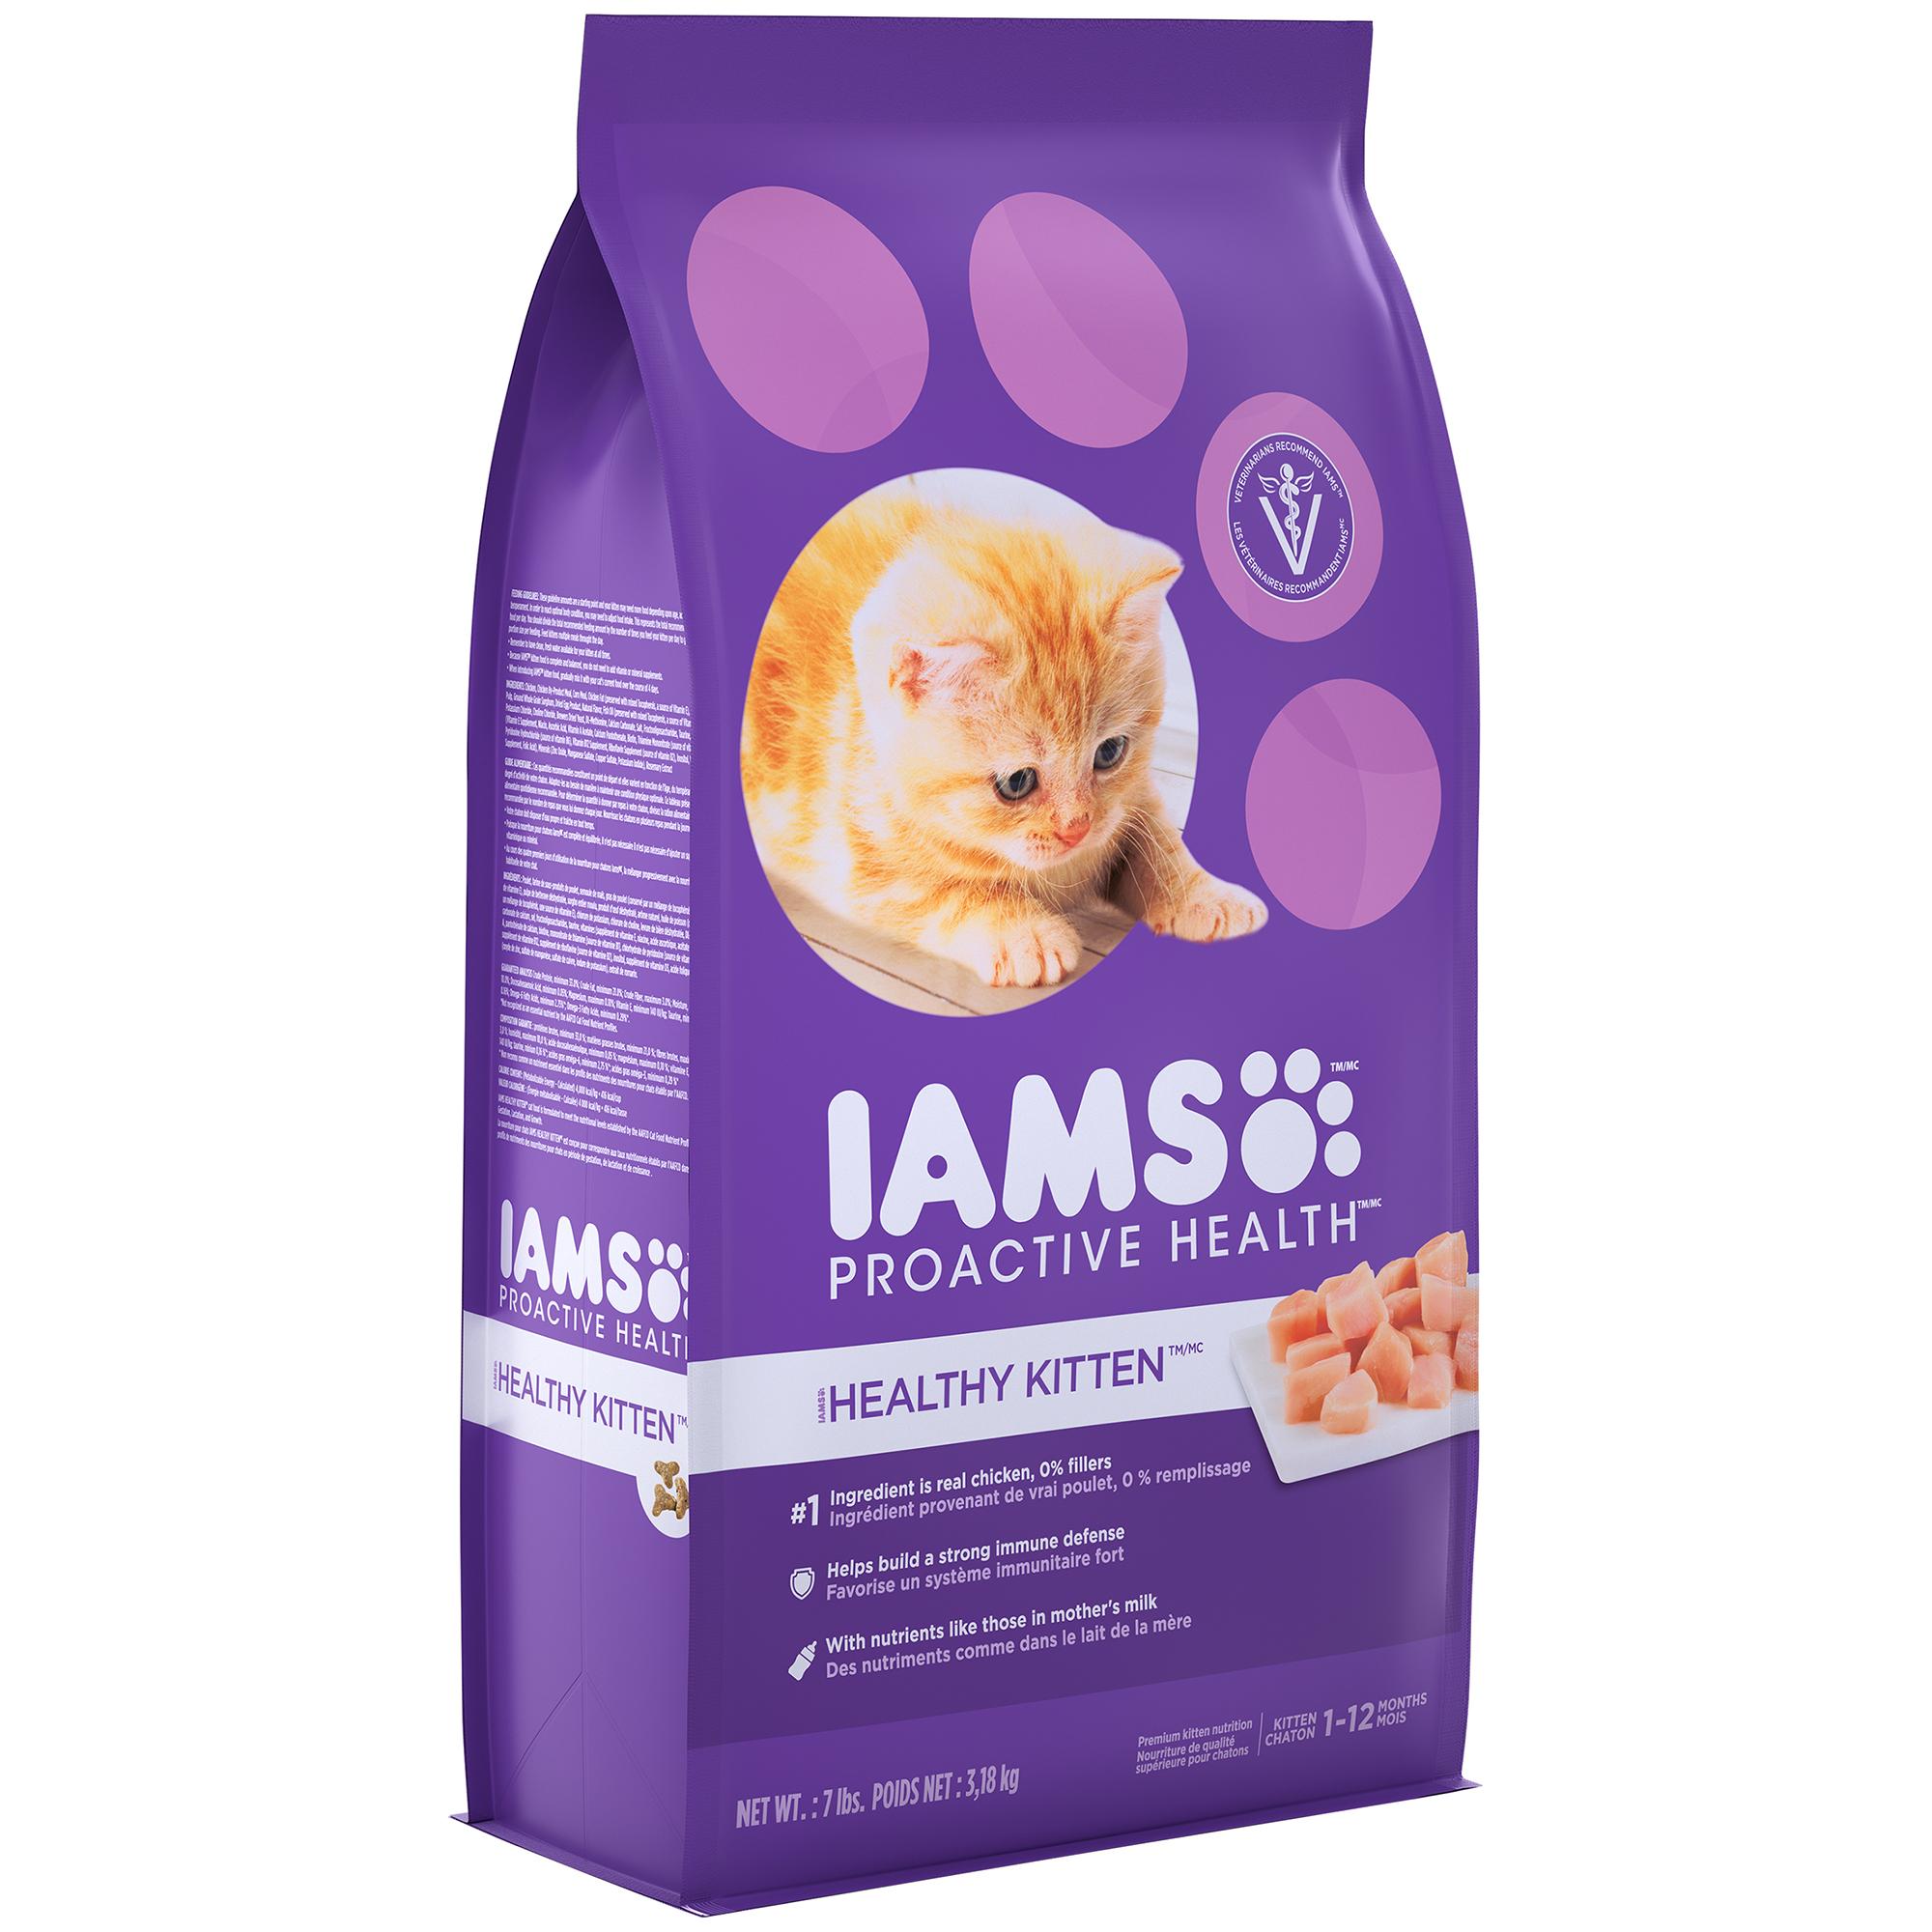 Iams™ ProActive Health™ Healthy Kitten™ Kitten Food with Chicken 7